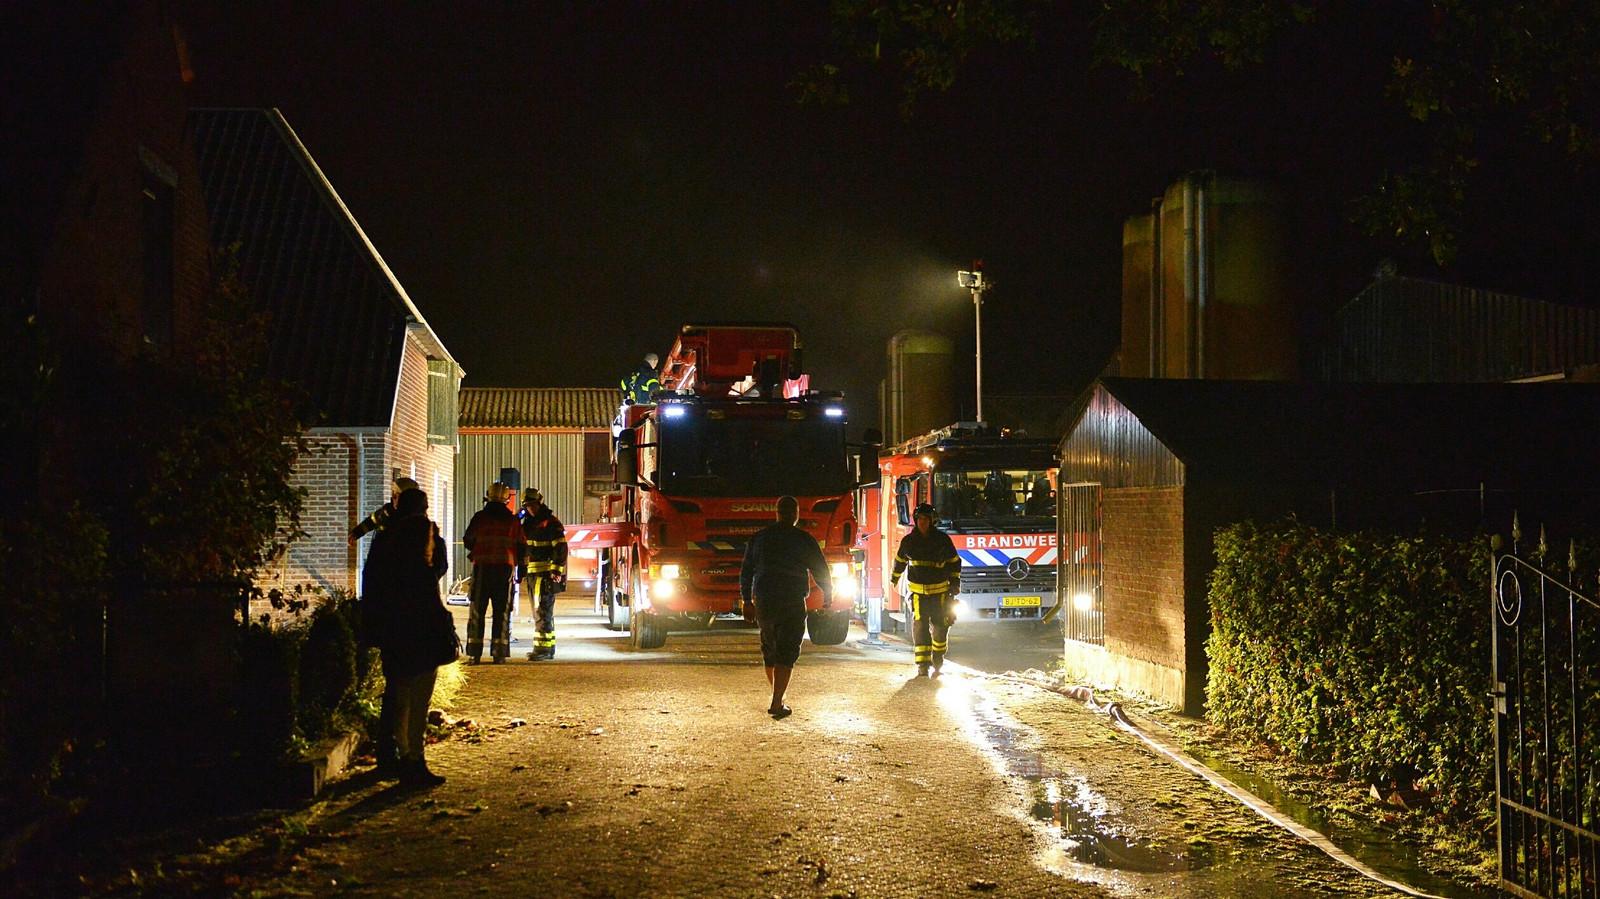 De brand ontstond in een loods met landbouwwerktuigen achter een woonhuis.